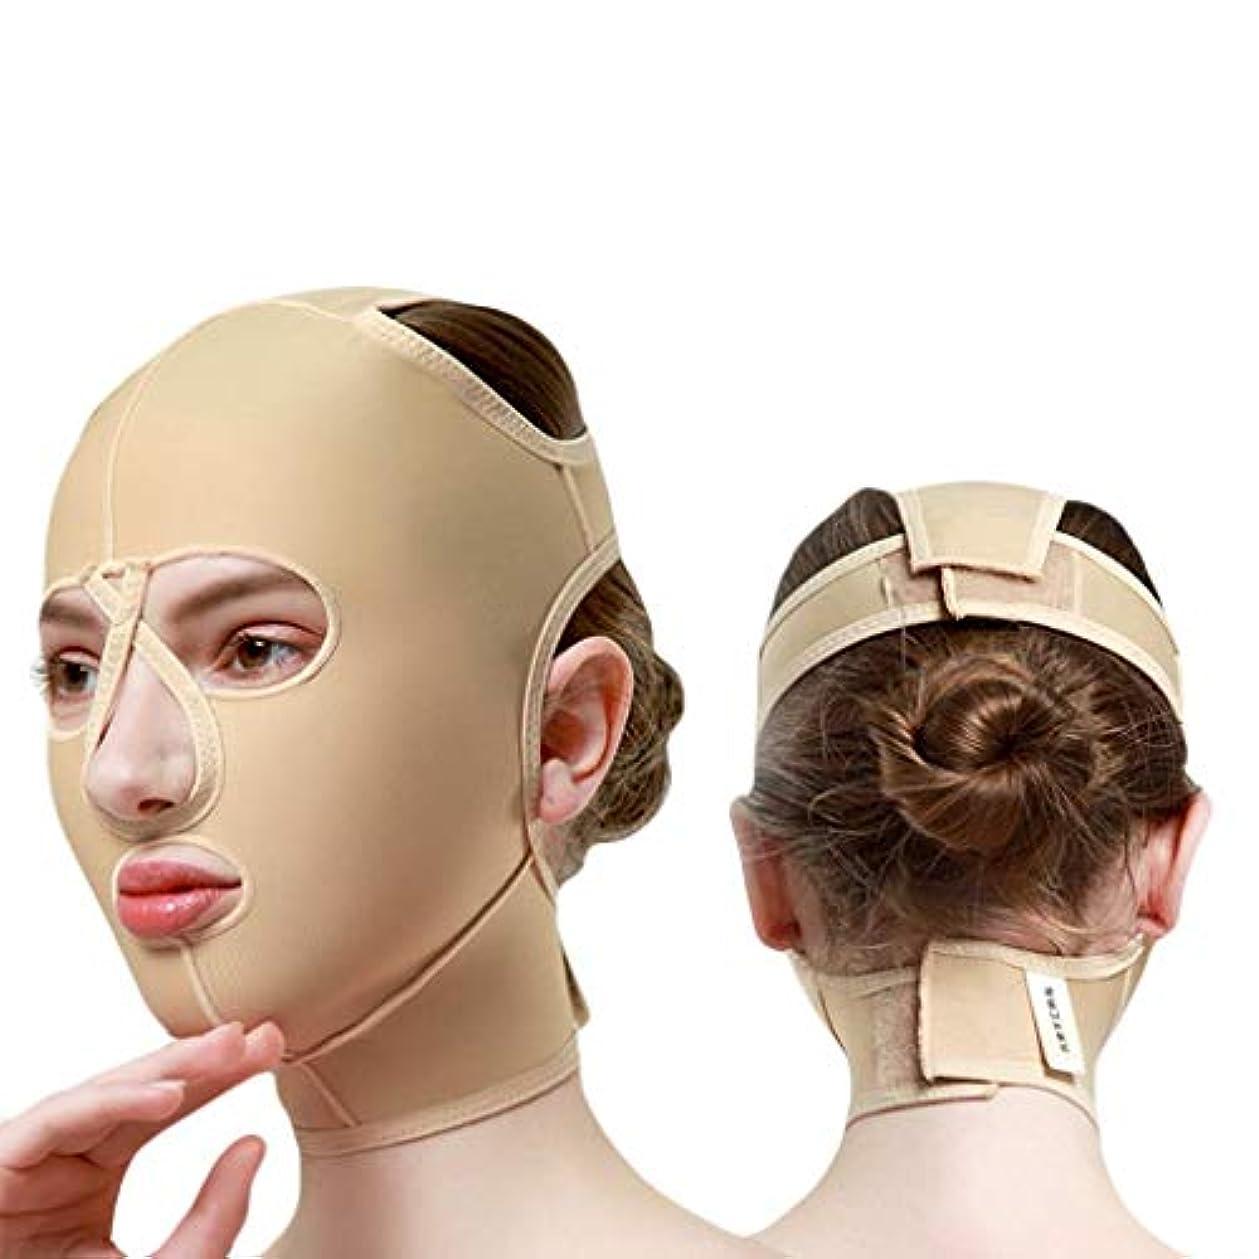 起きて可塑性ベッツィトロットウッドチンストラップ、顔彫りツール、リフティングマスク、ダブルチンリデューサー、フェイスリフティングエラスティックマスクメス(サイズ:M),S